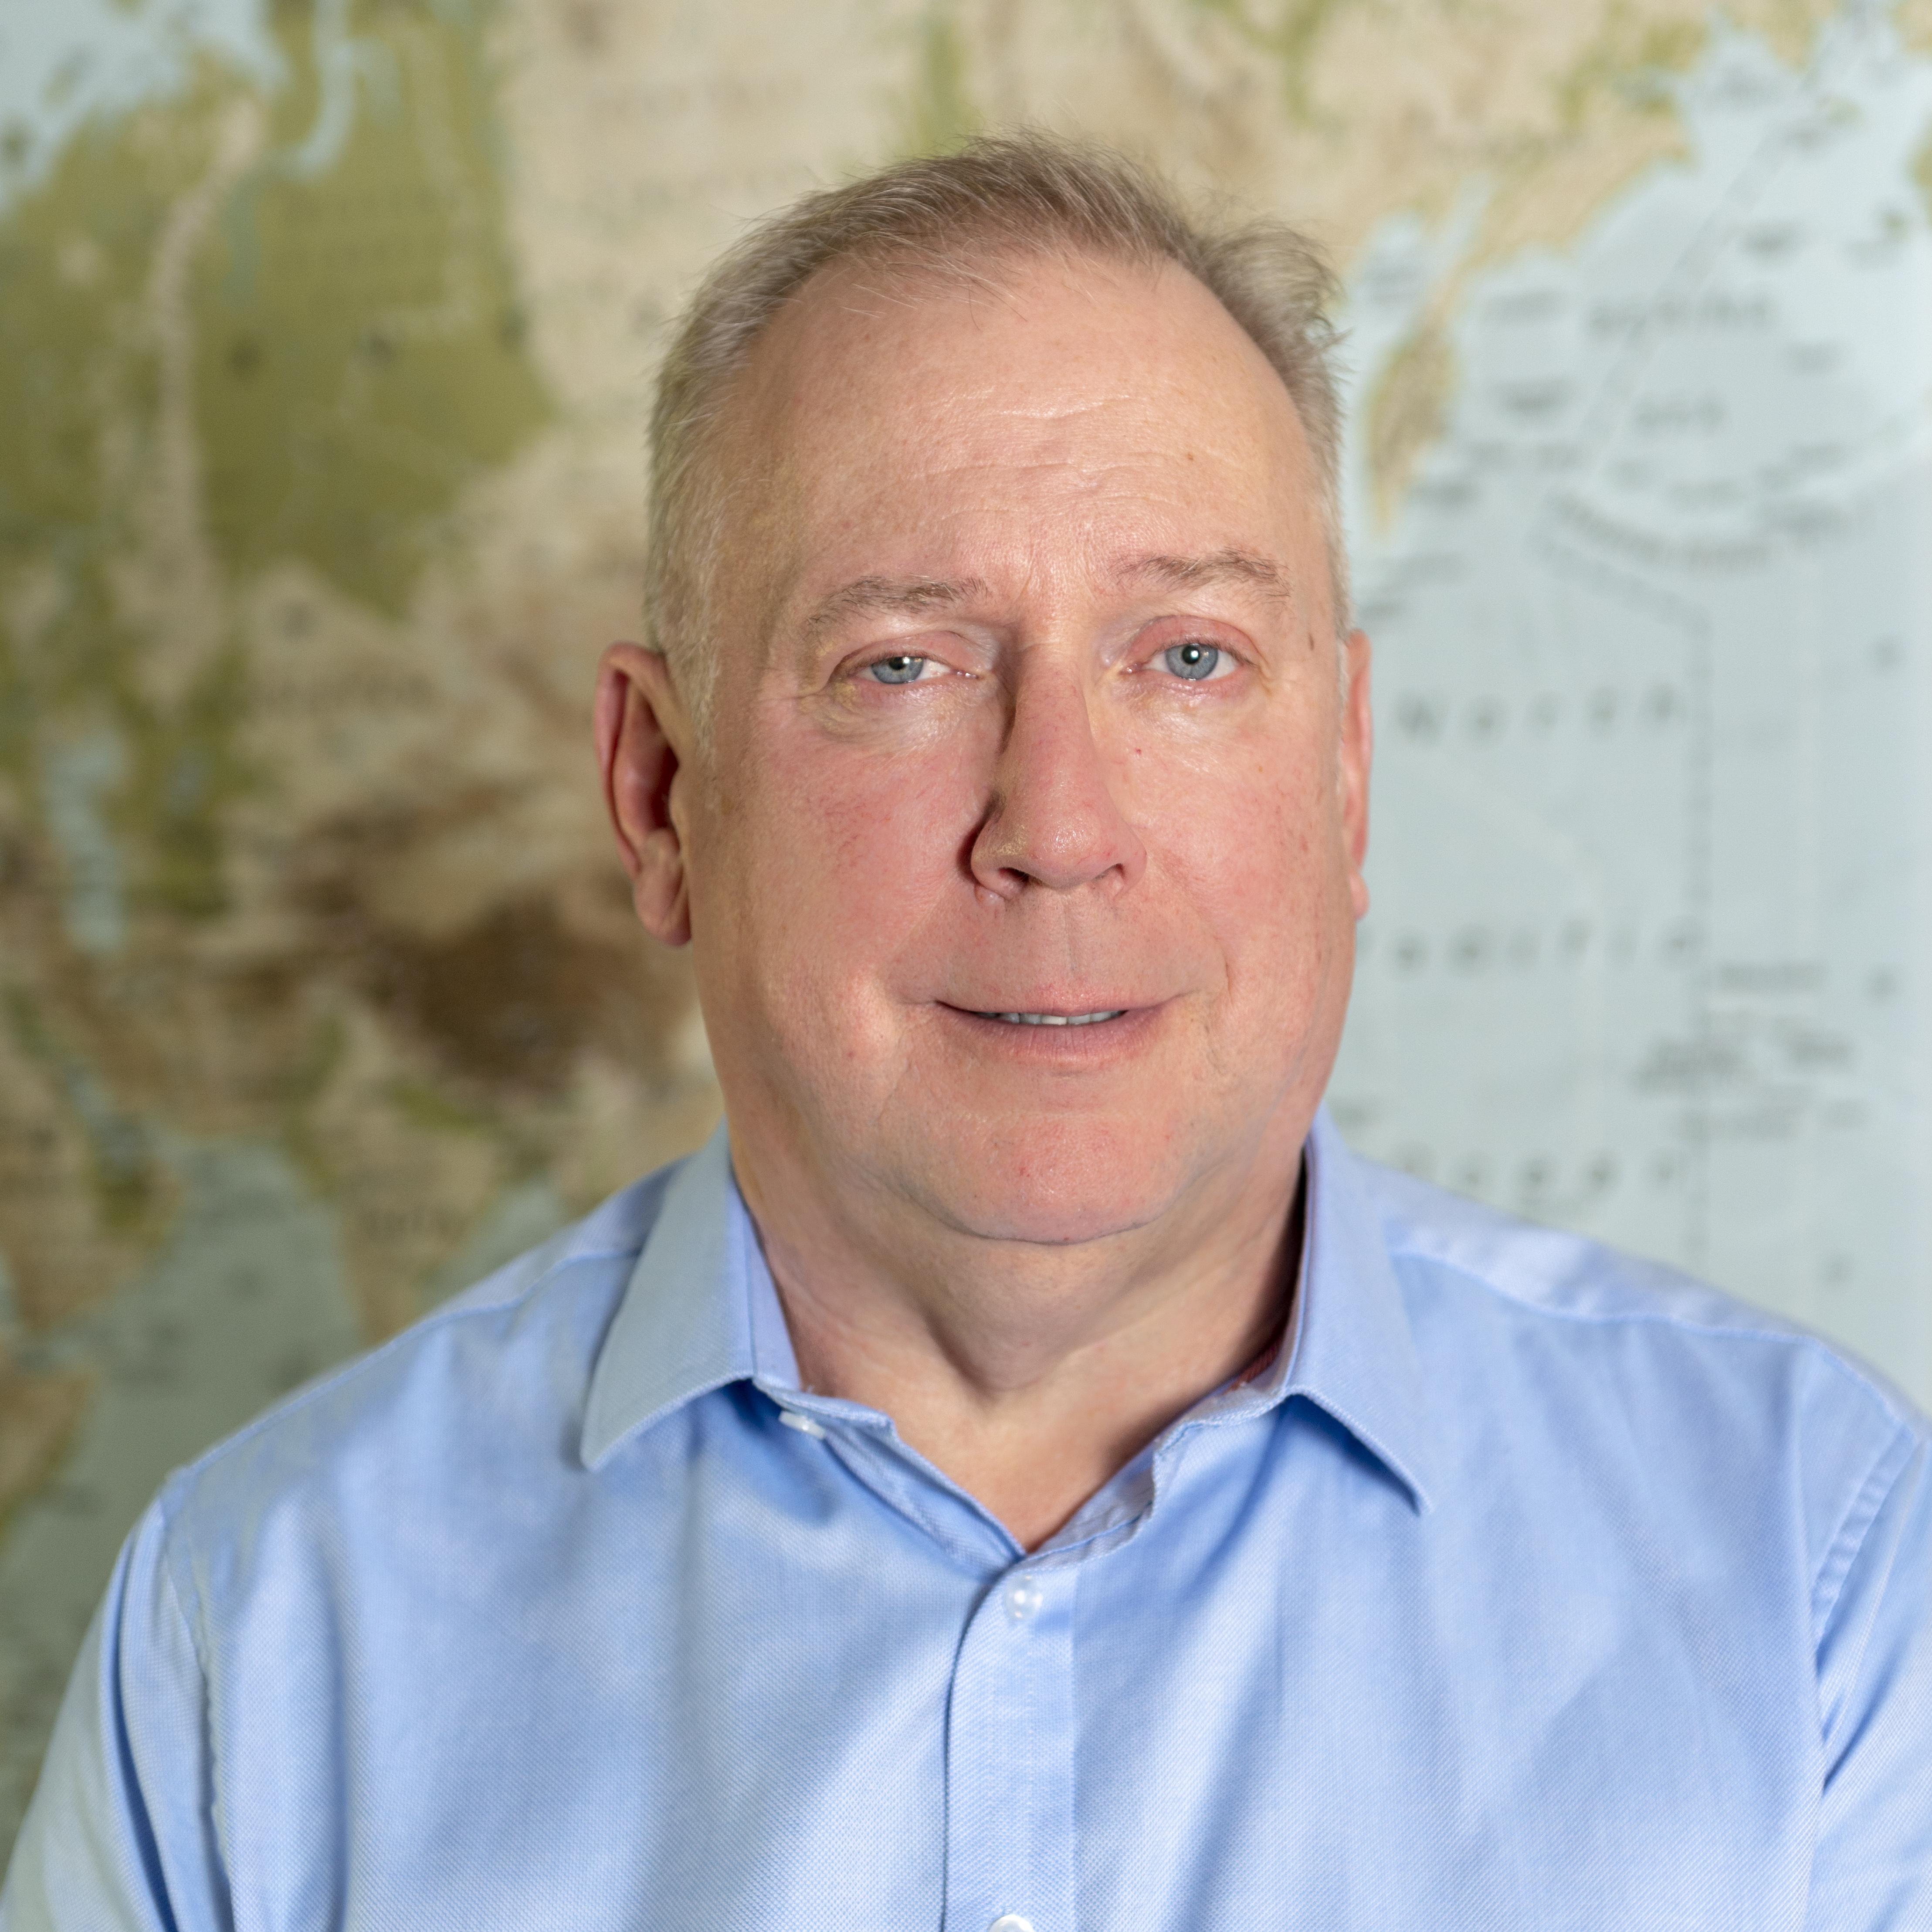 Guy Tuck